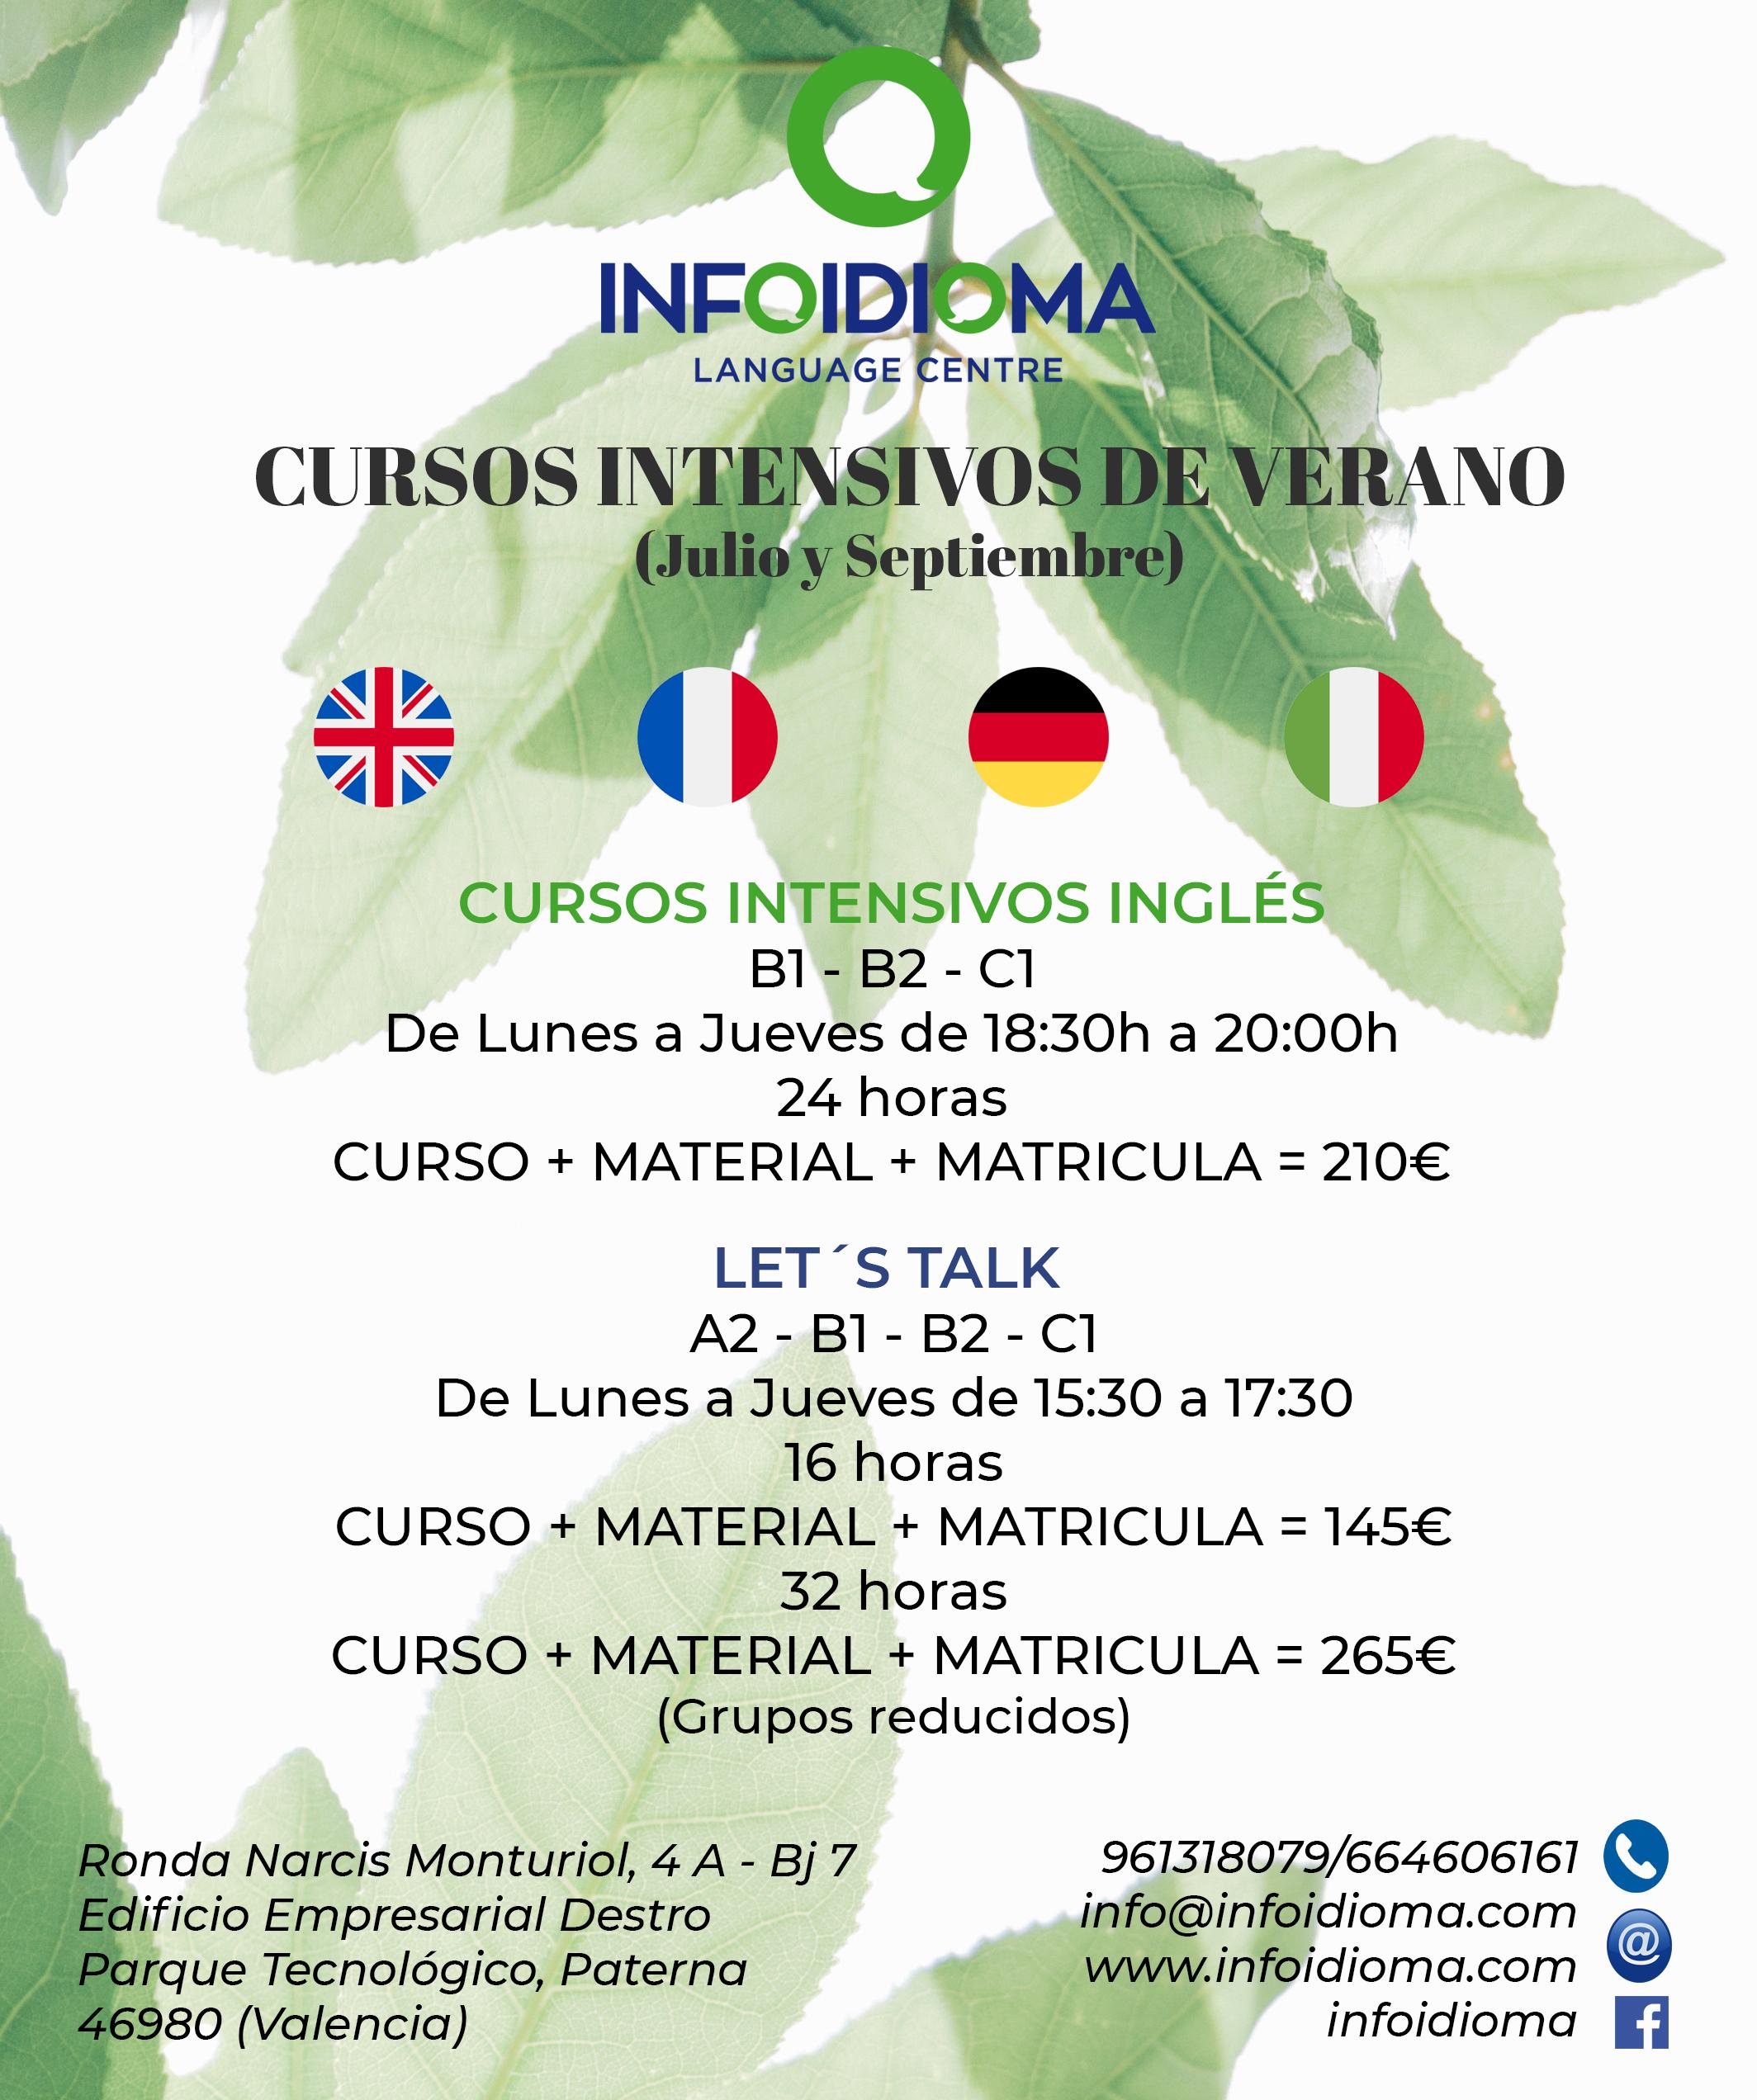 Cursos intensivos de Inglés en verano - infoidioma - valencia